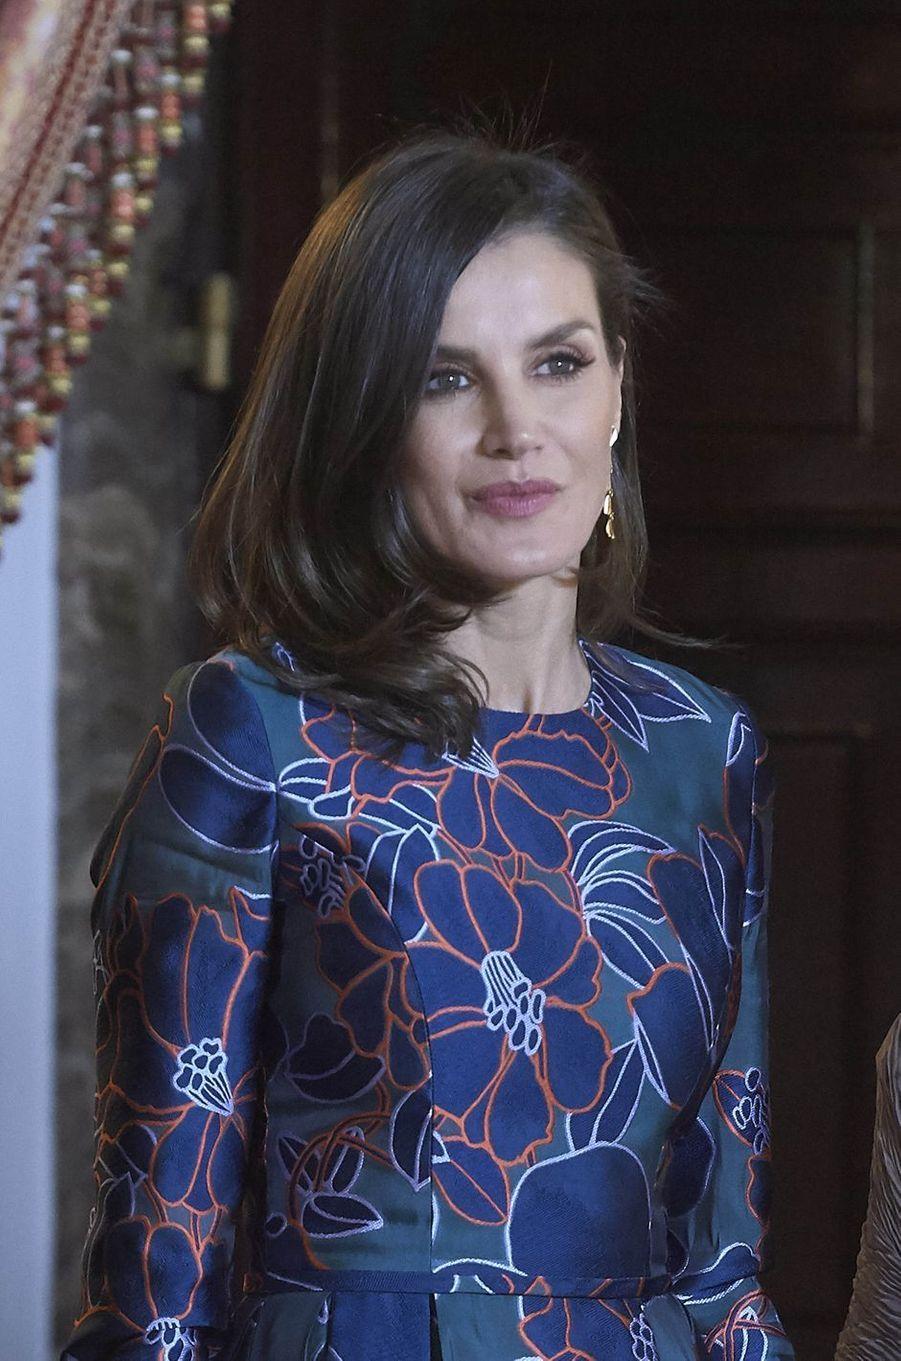 La reine Letizia d'Espagne à Madrid, le 24 avril 2019